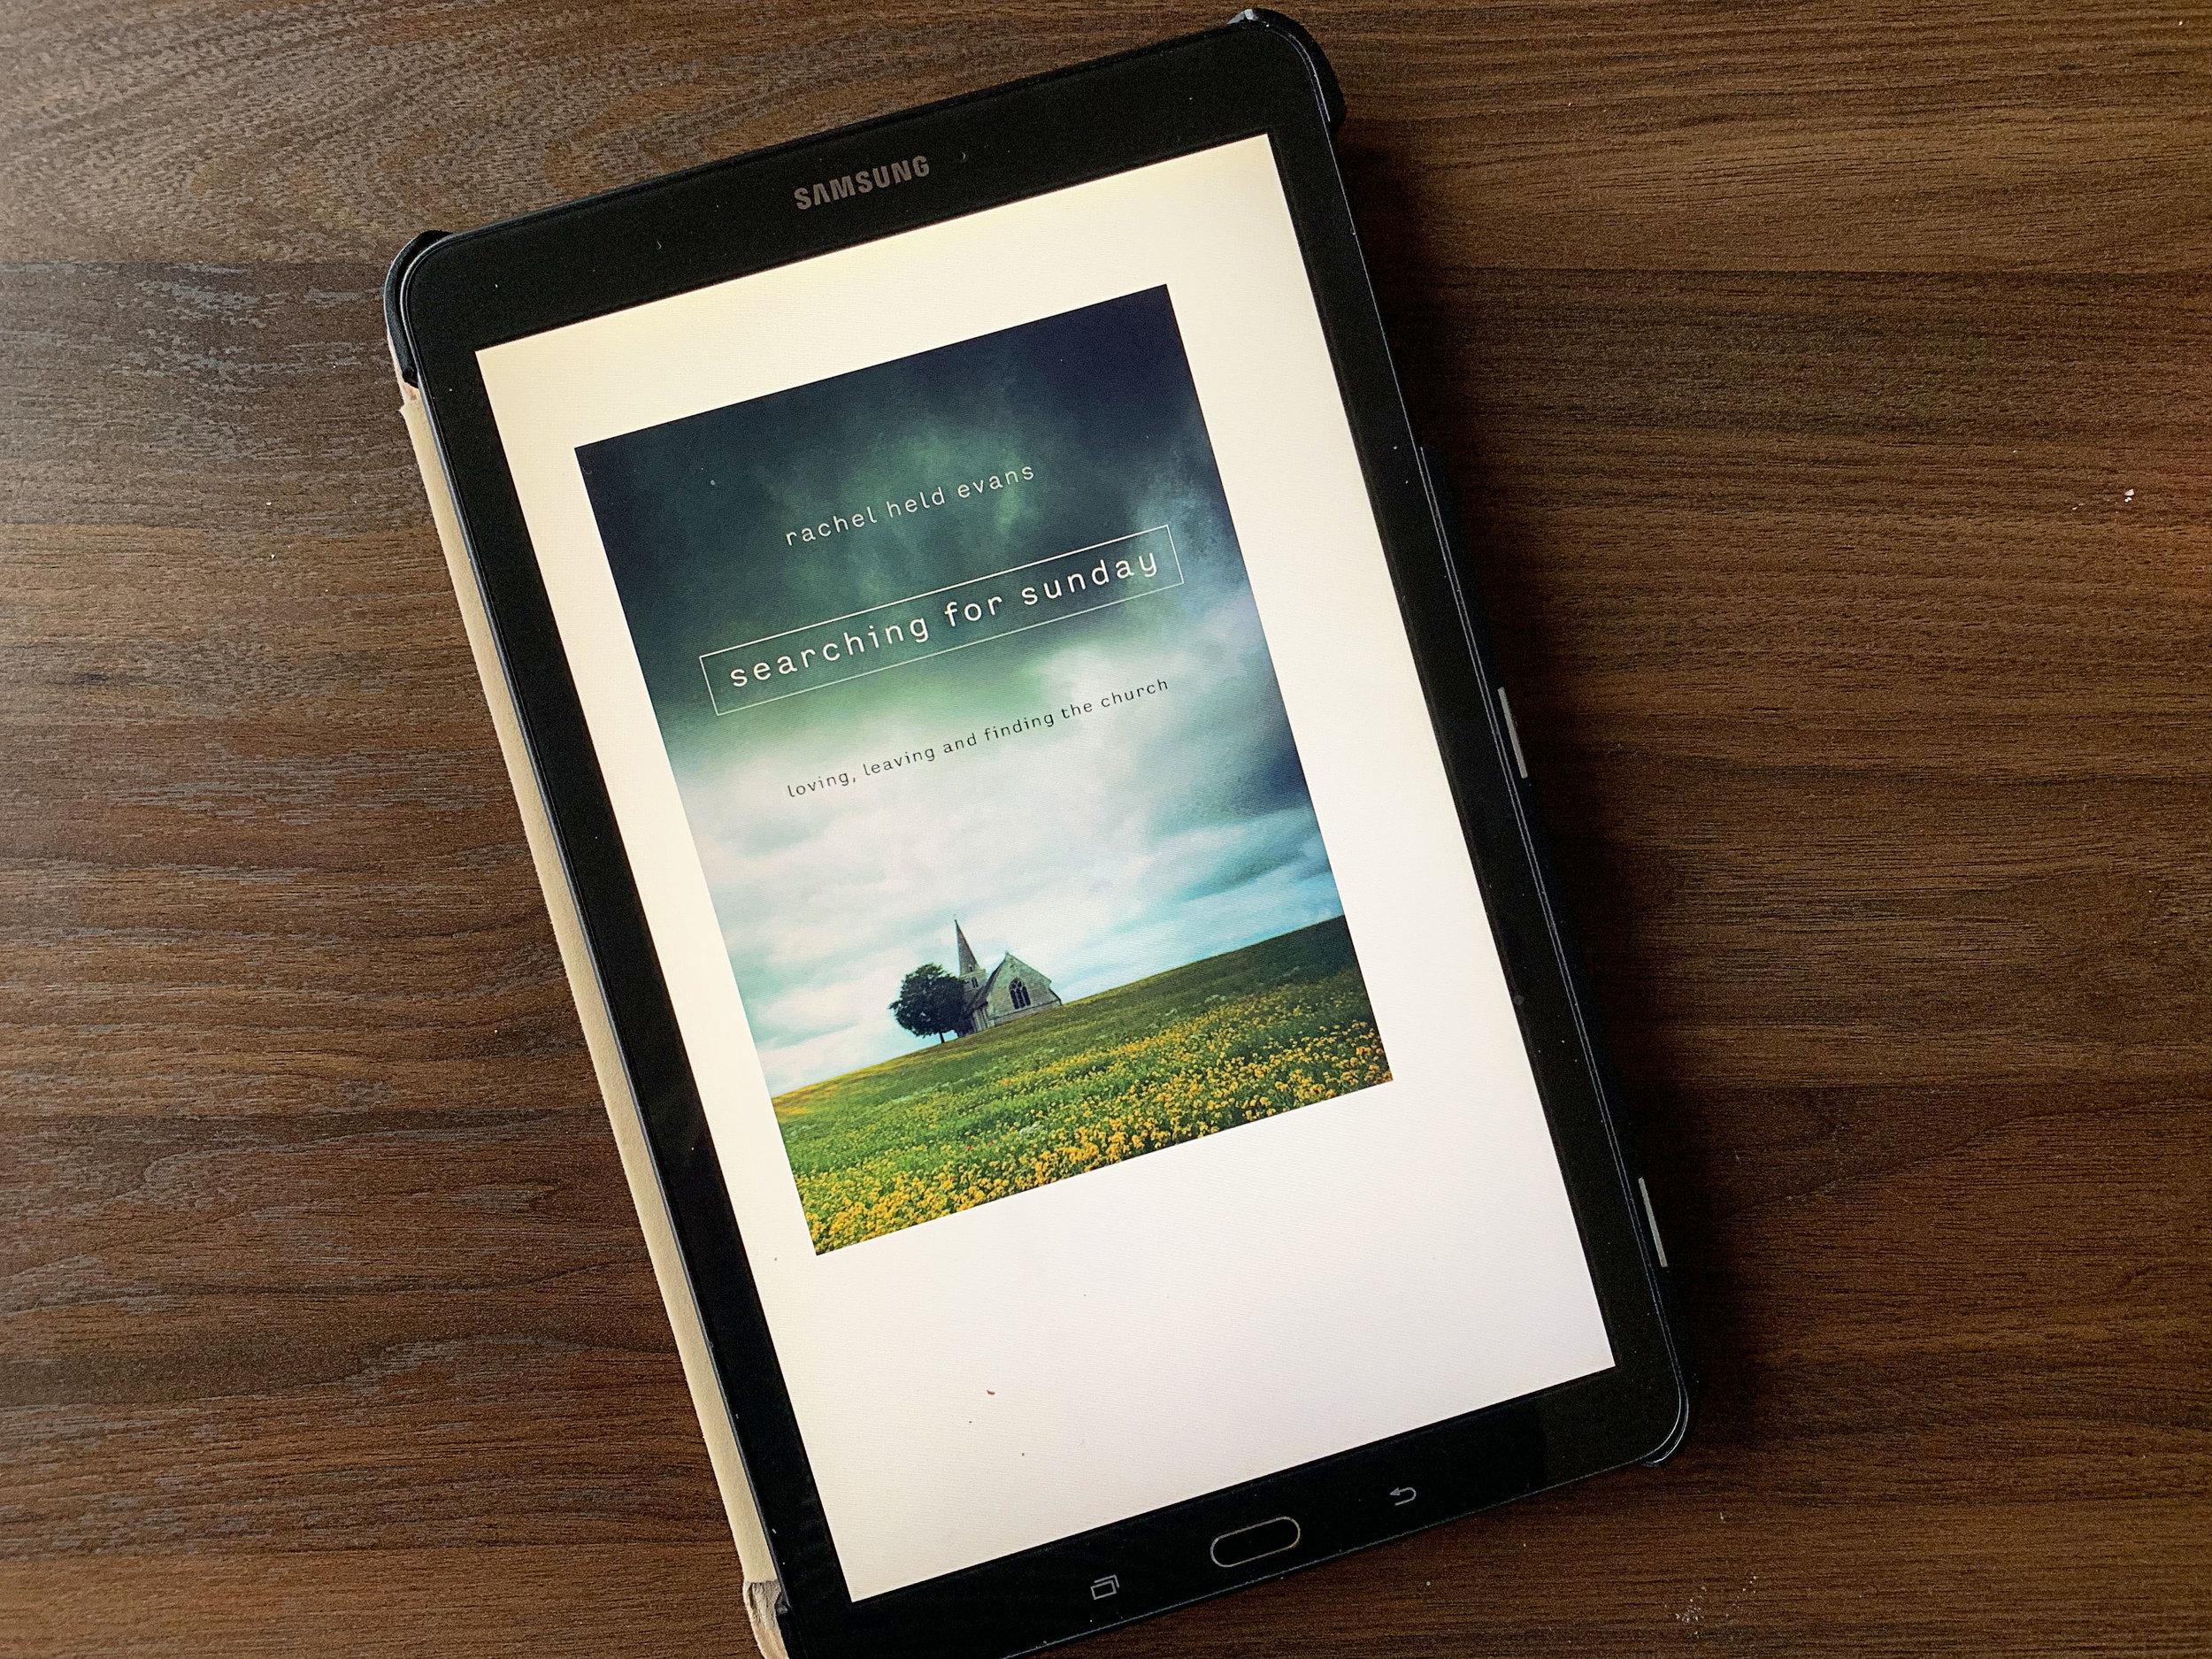 2019 05 09 Book 01.jpg